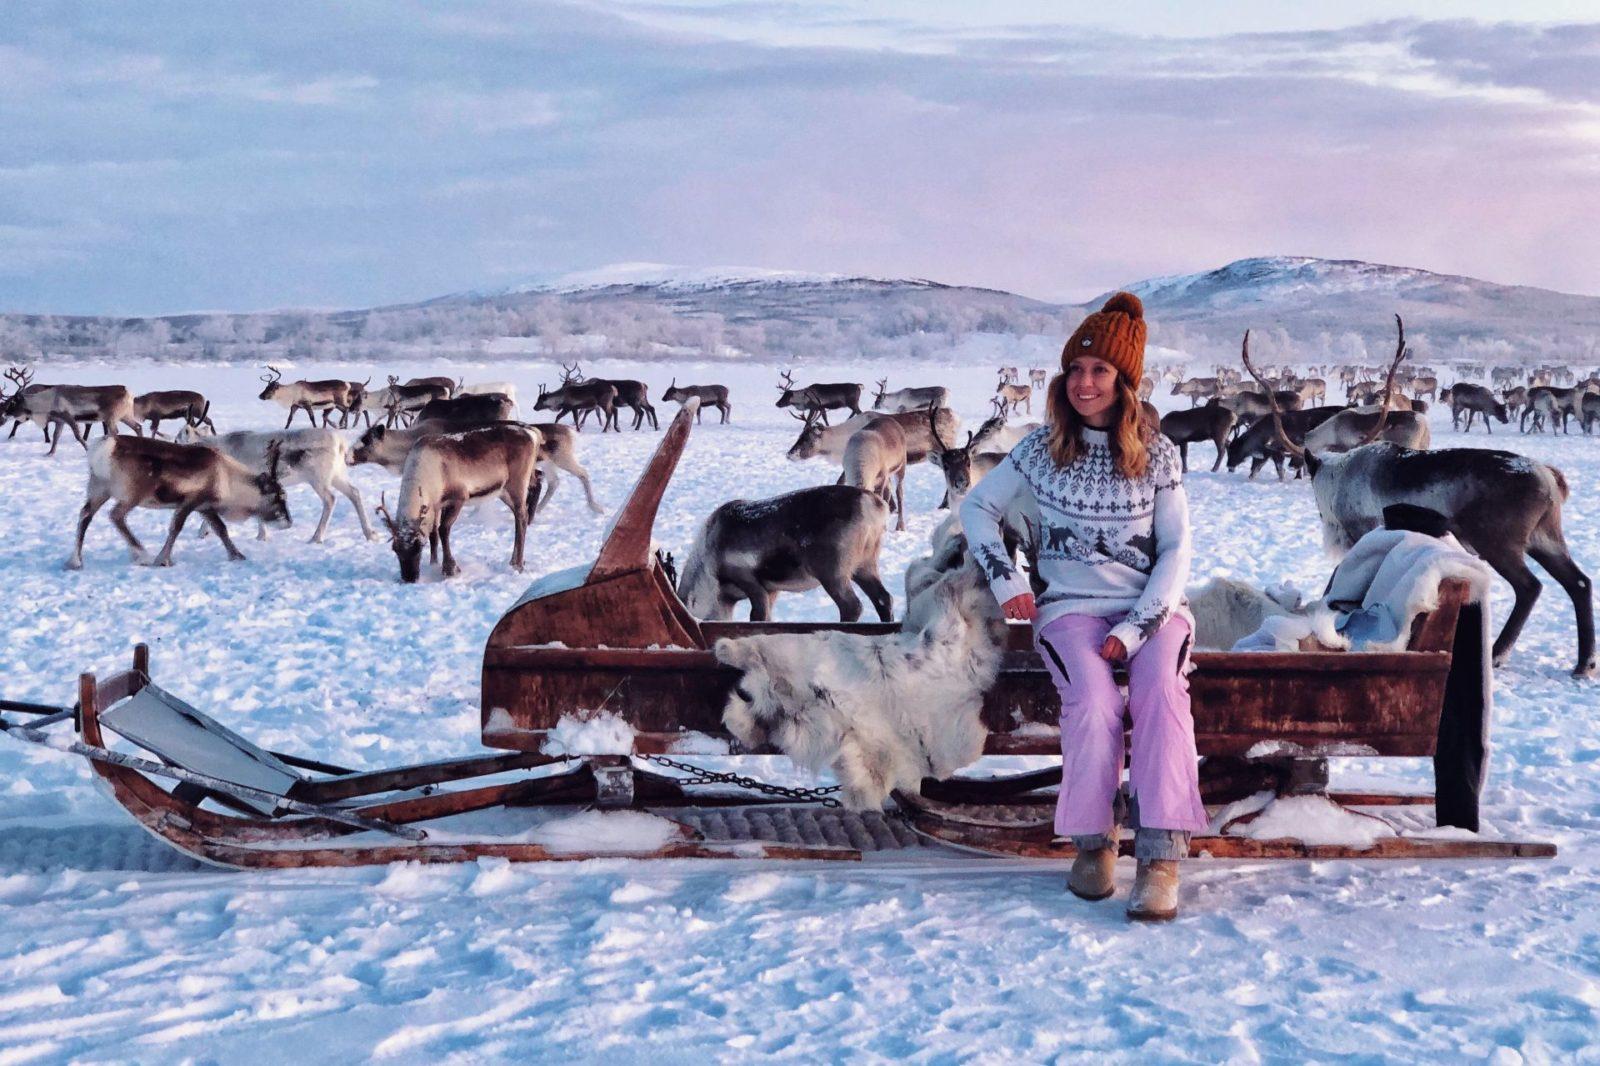 Arctic Land Adventure reindeer ranch